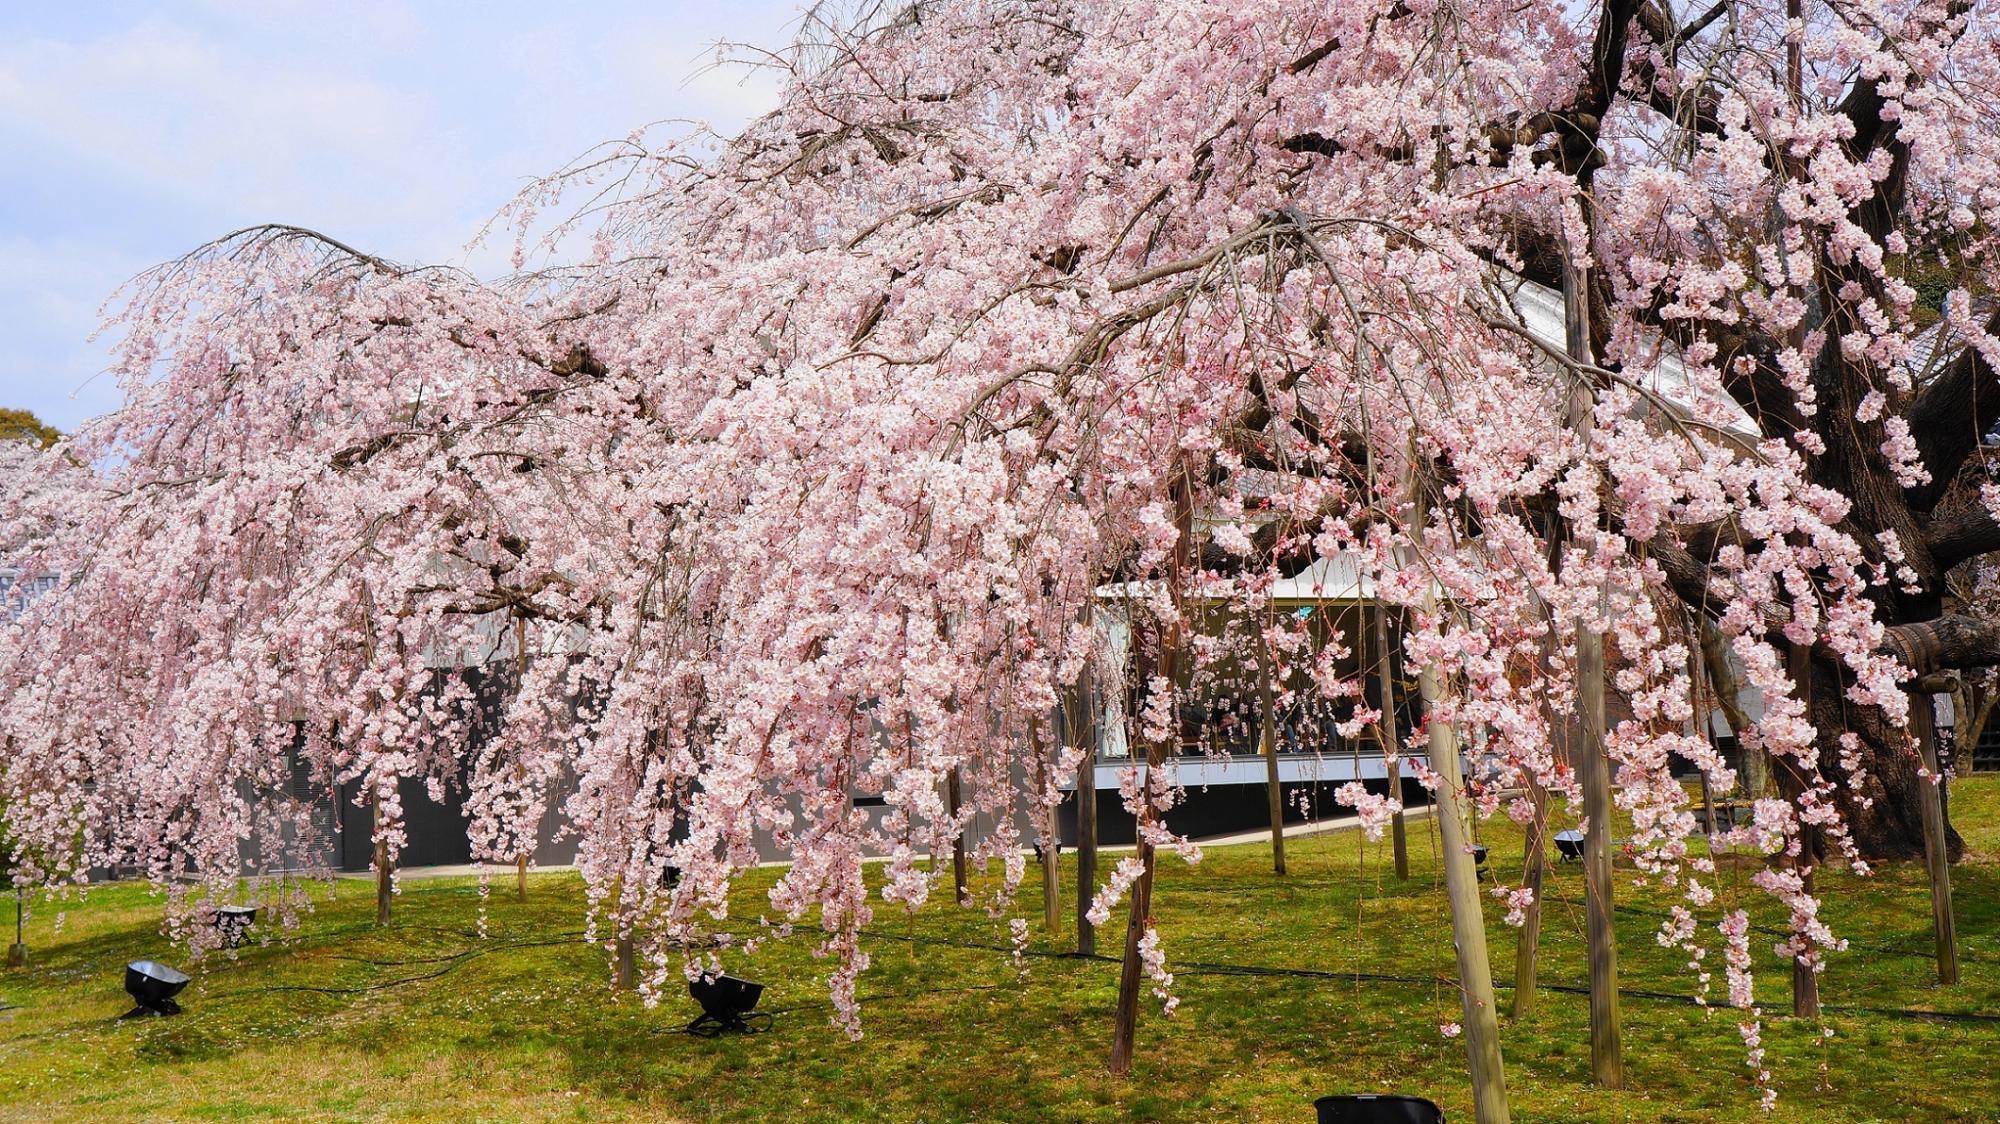 Kyoto Daigoji-Temple Reihokan Daigo-Miyuki-Sakra cherry blossoms spring だいごみゆき桜 満開 霊宝館 春